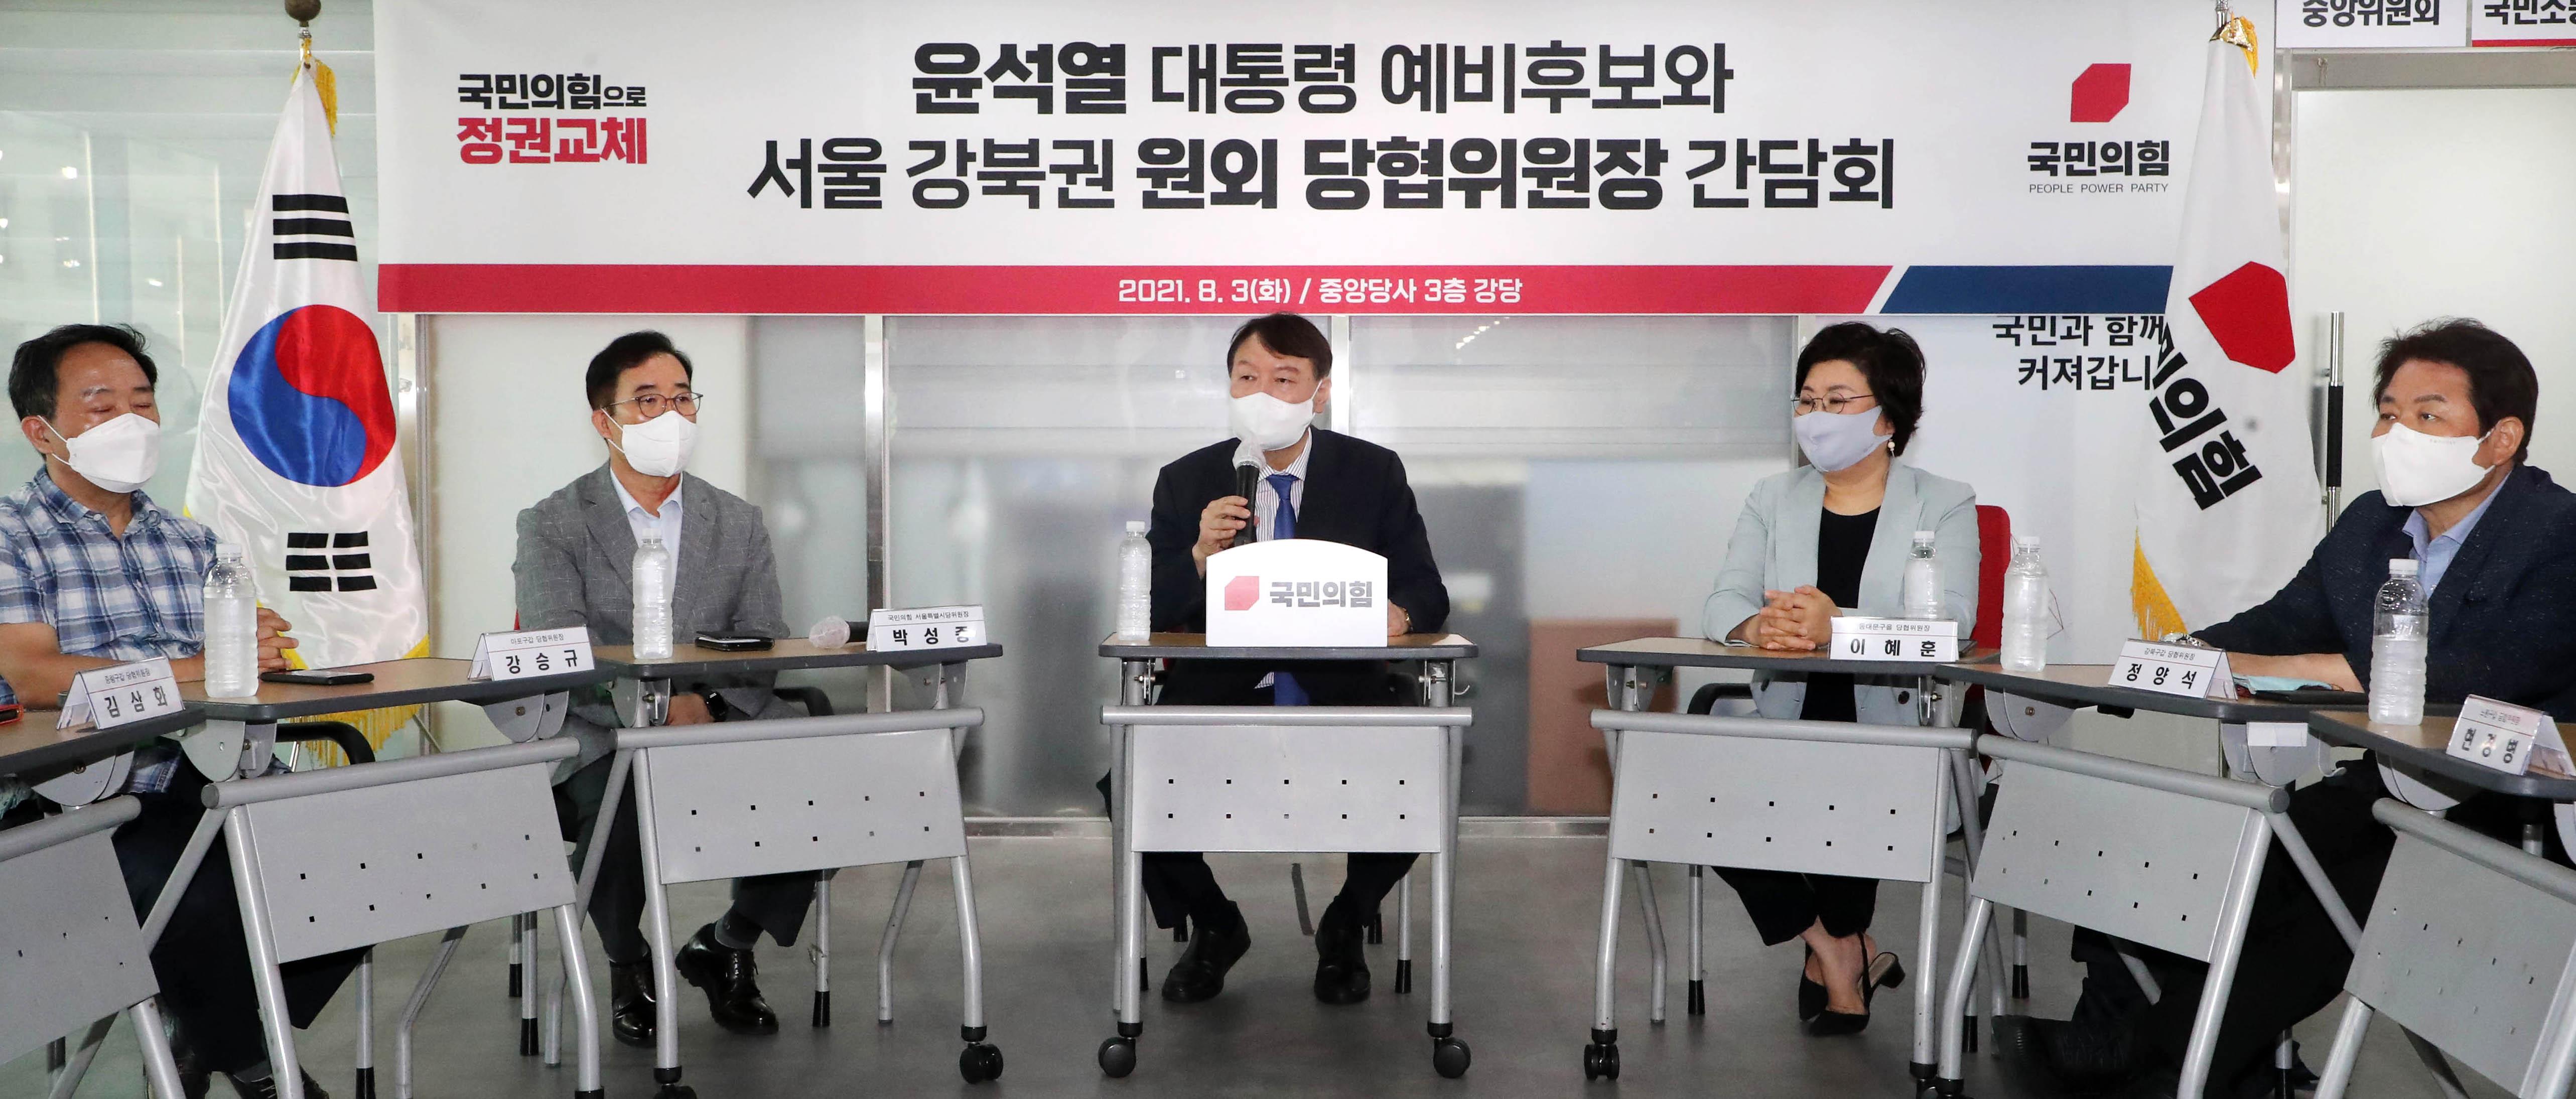 윤석열 대선 예비후보 '국민의힘 원외 당협위원장 목소리 경청'